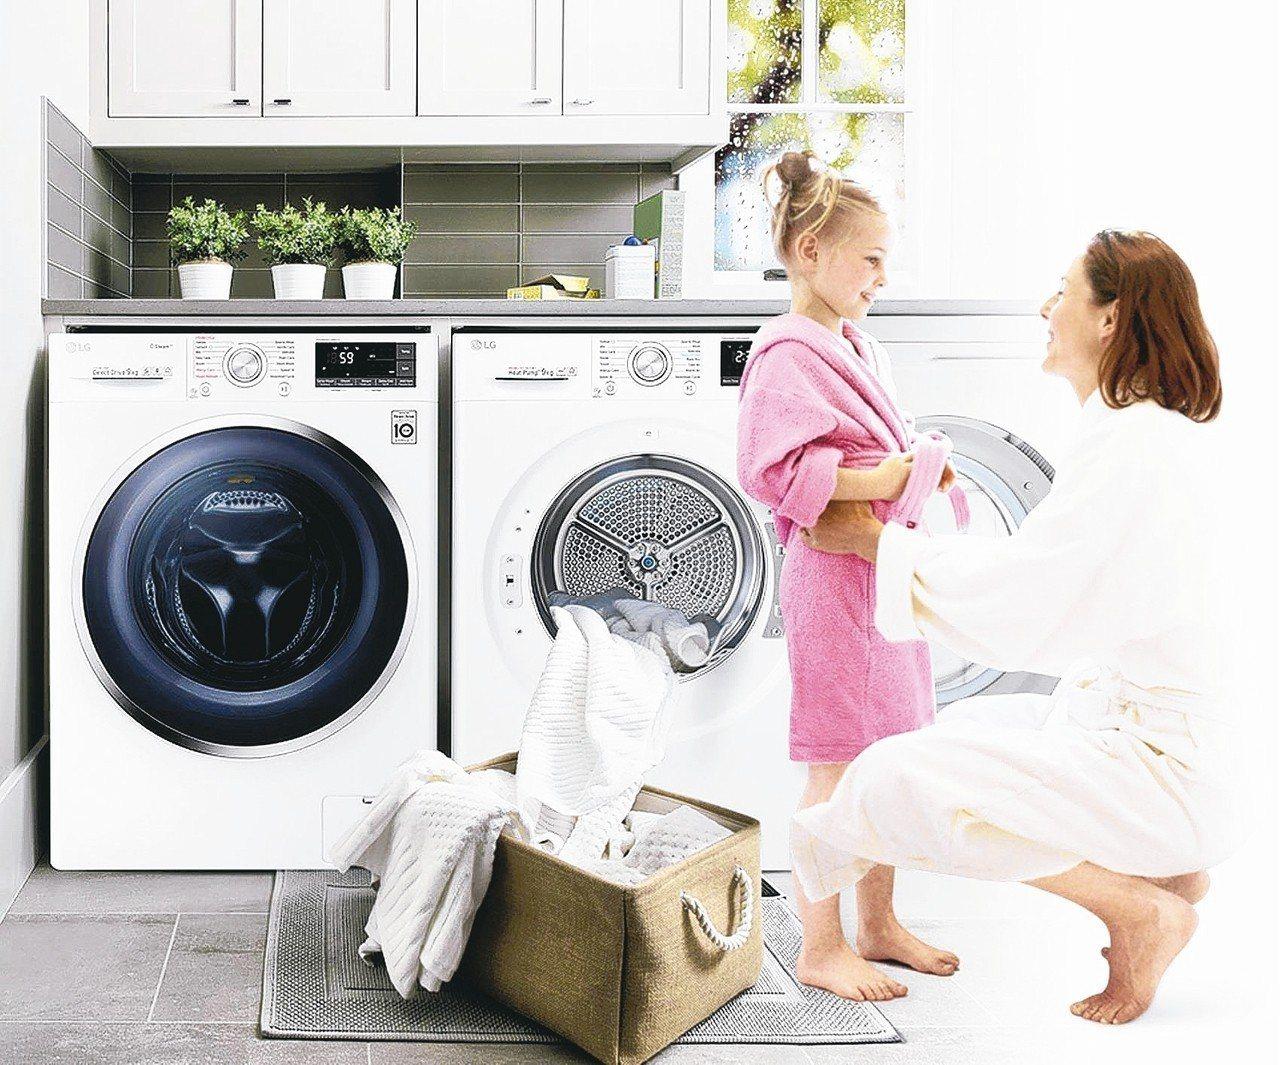 台灣氣候潮濕,加上空汙日益嚴重,乾衣機已成為許多家庭必備家電。 LG/提供